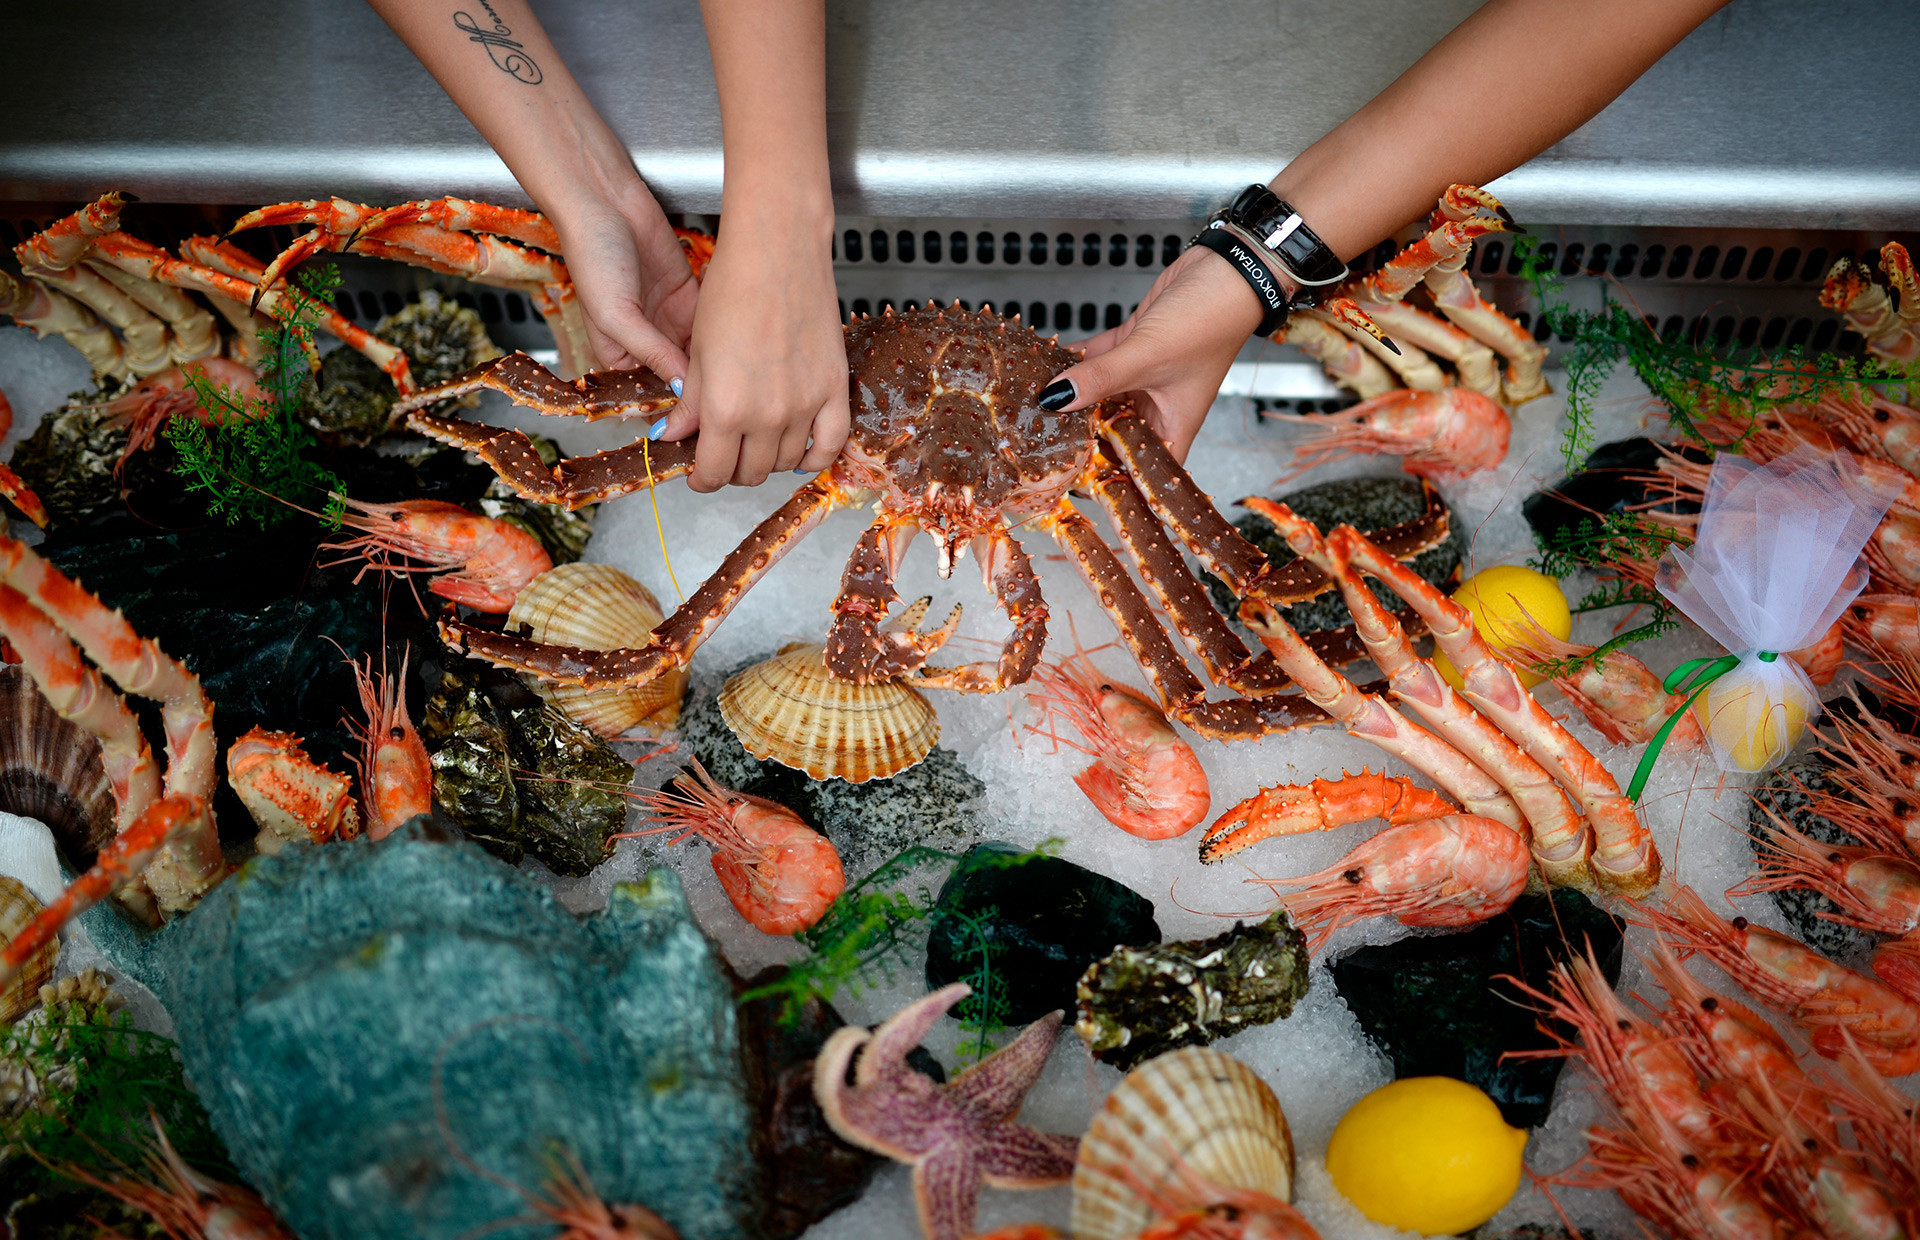 Frutos do mar bem embalados em sacolas térmicas para levar!